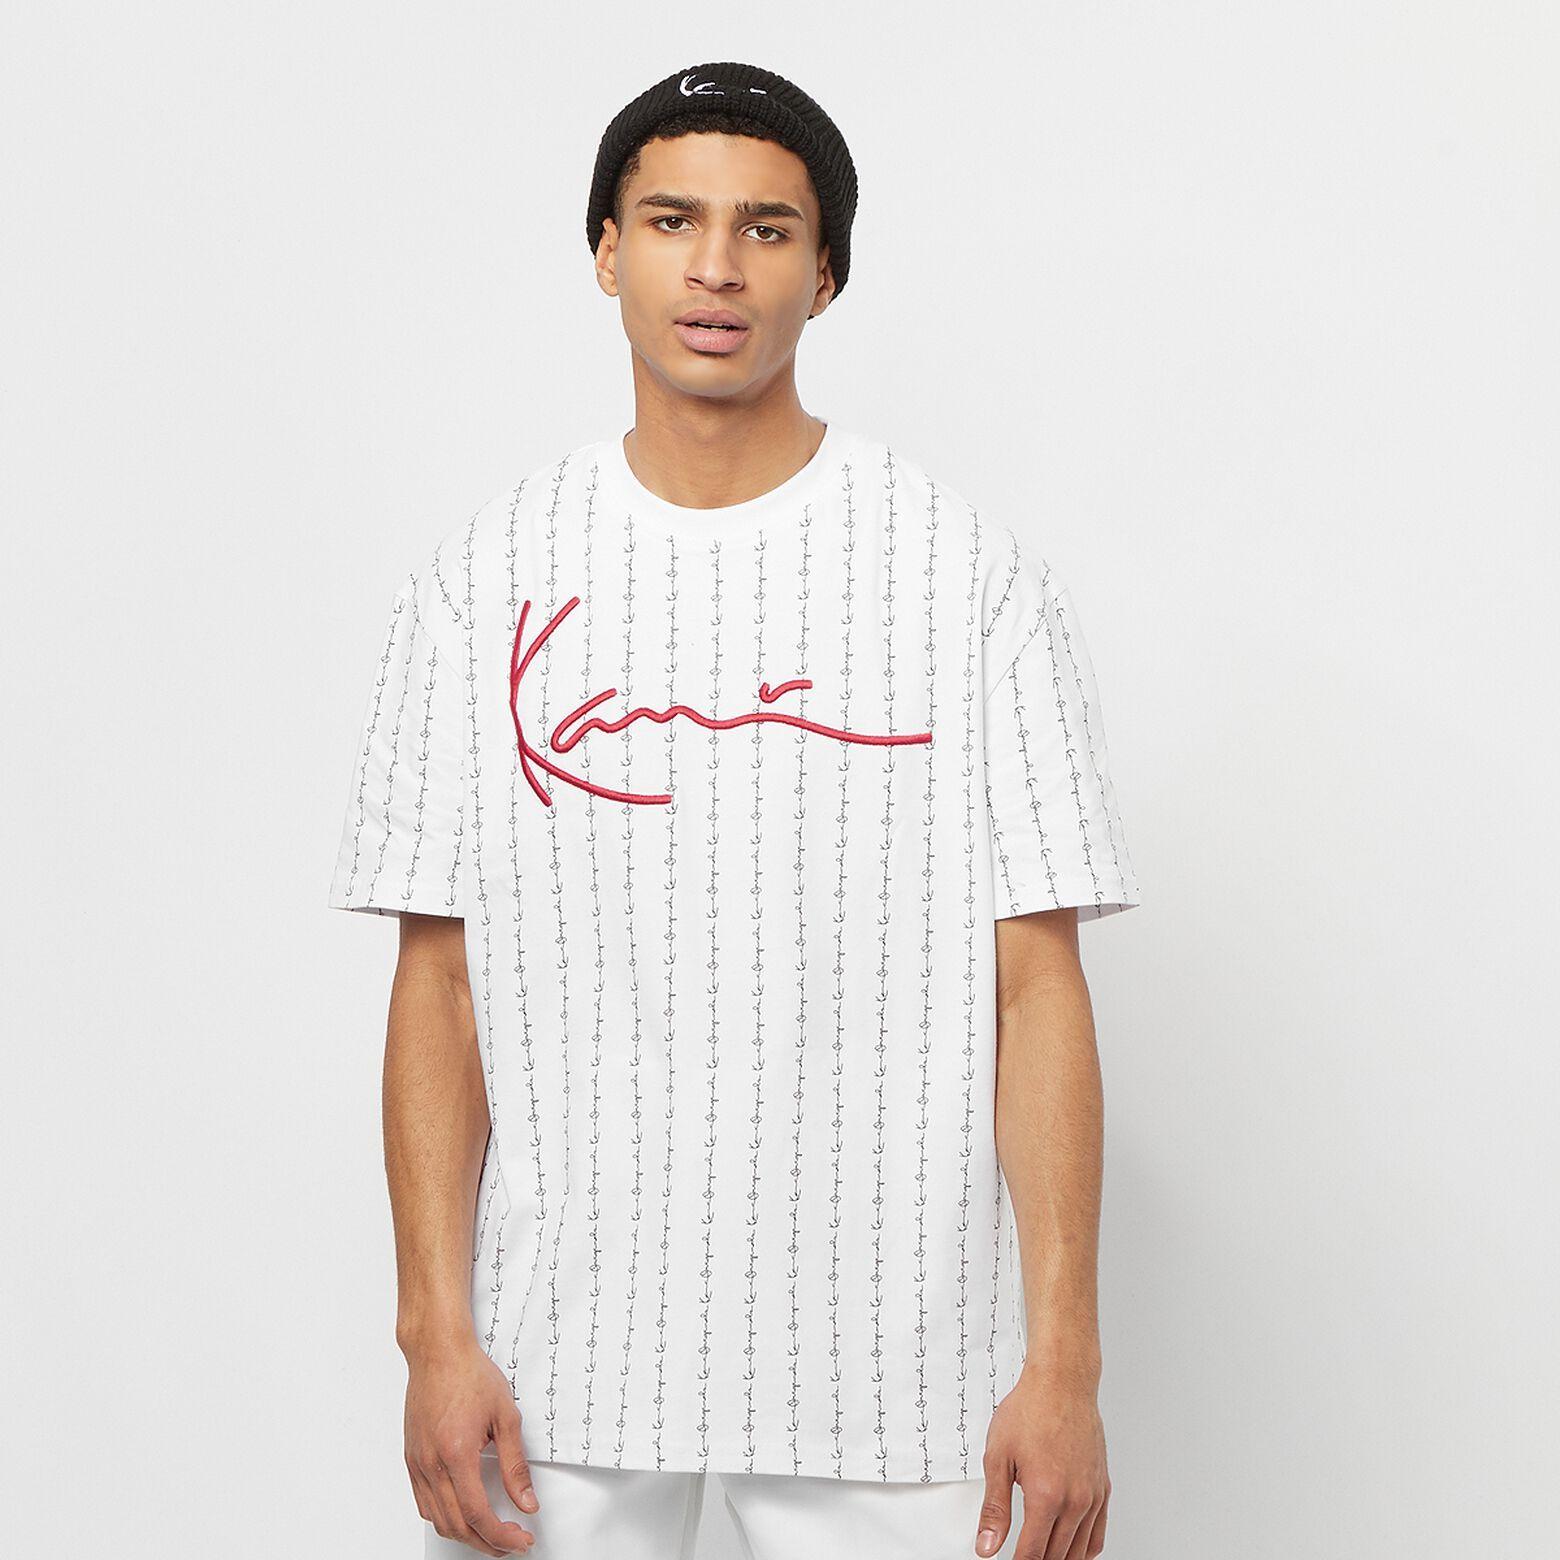 Tee-shirt Karl Kani Signature Logo Pinstripe - blanc (taille S)